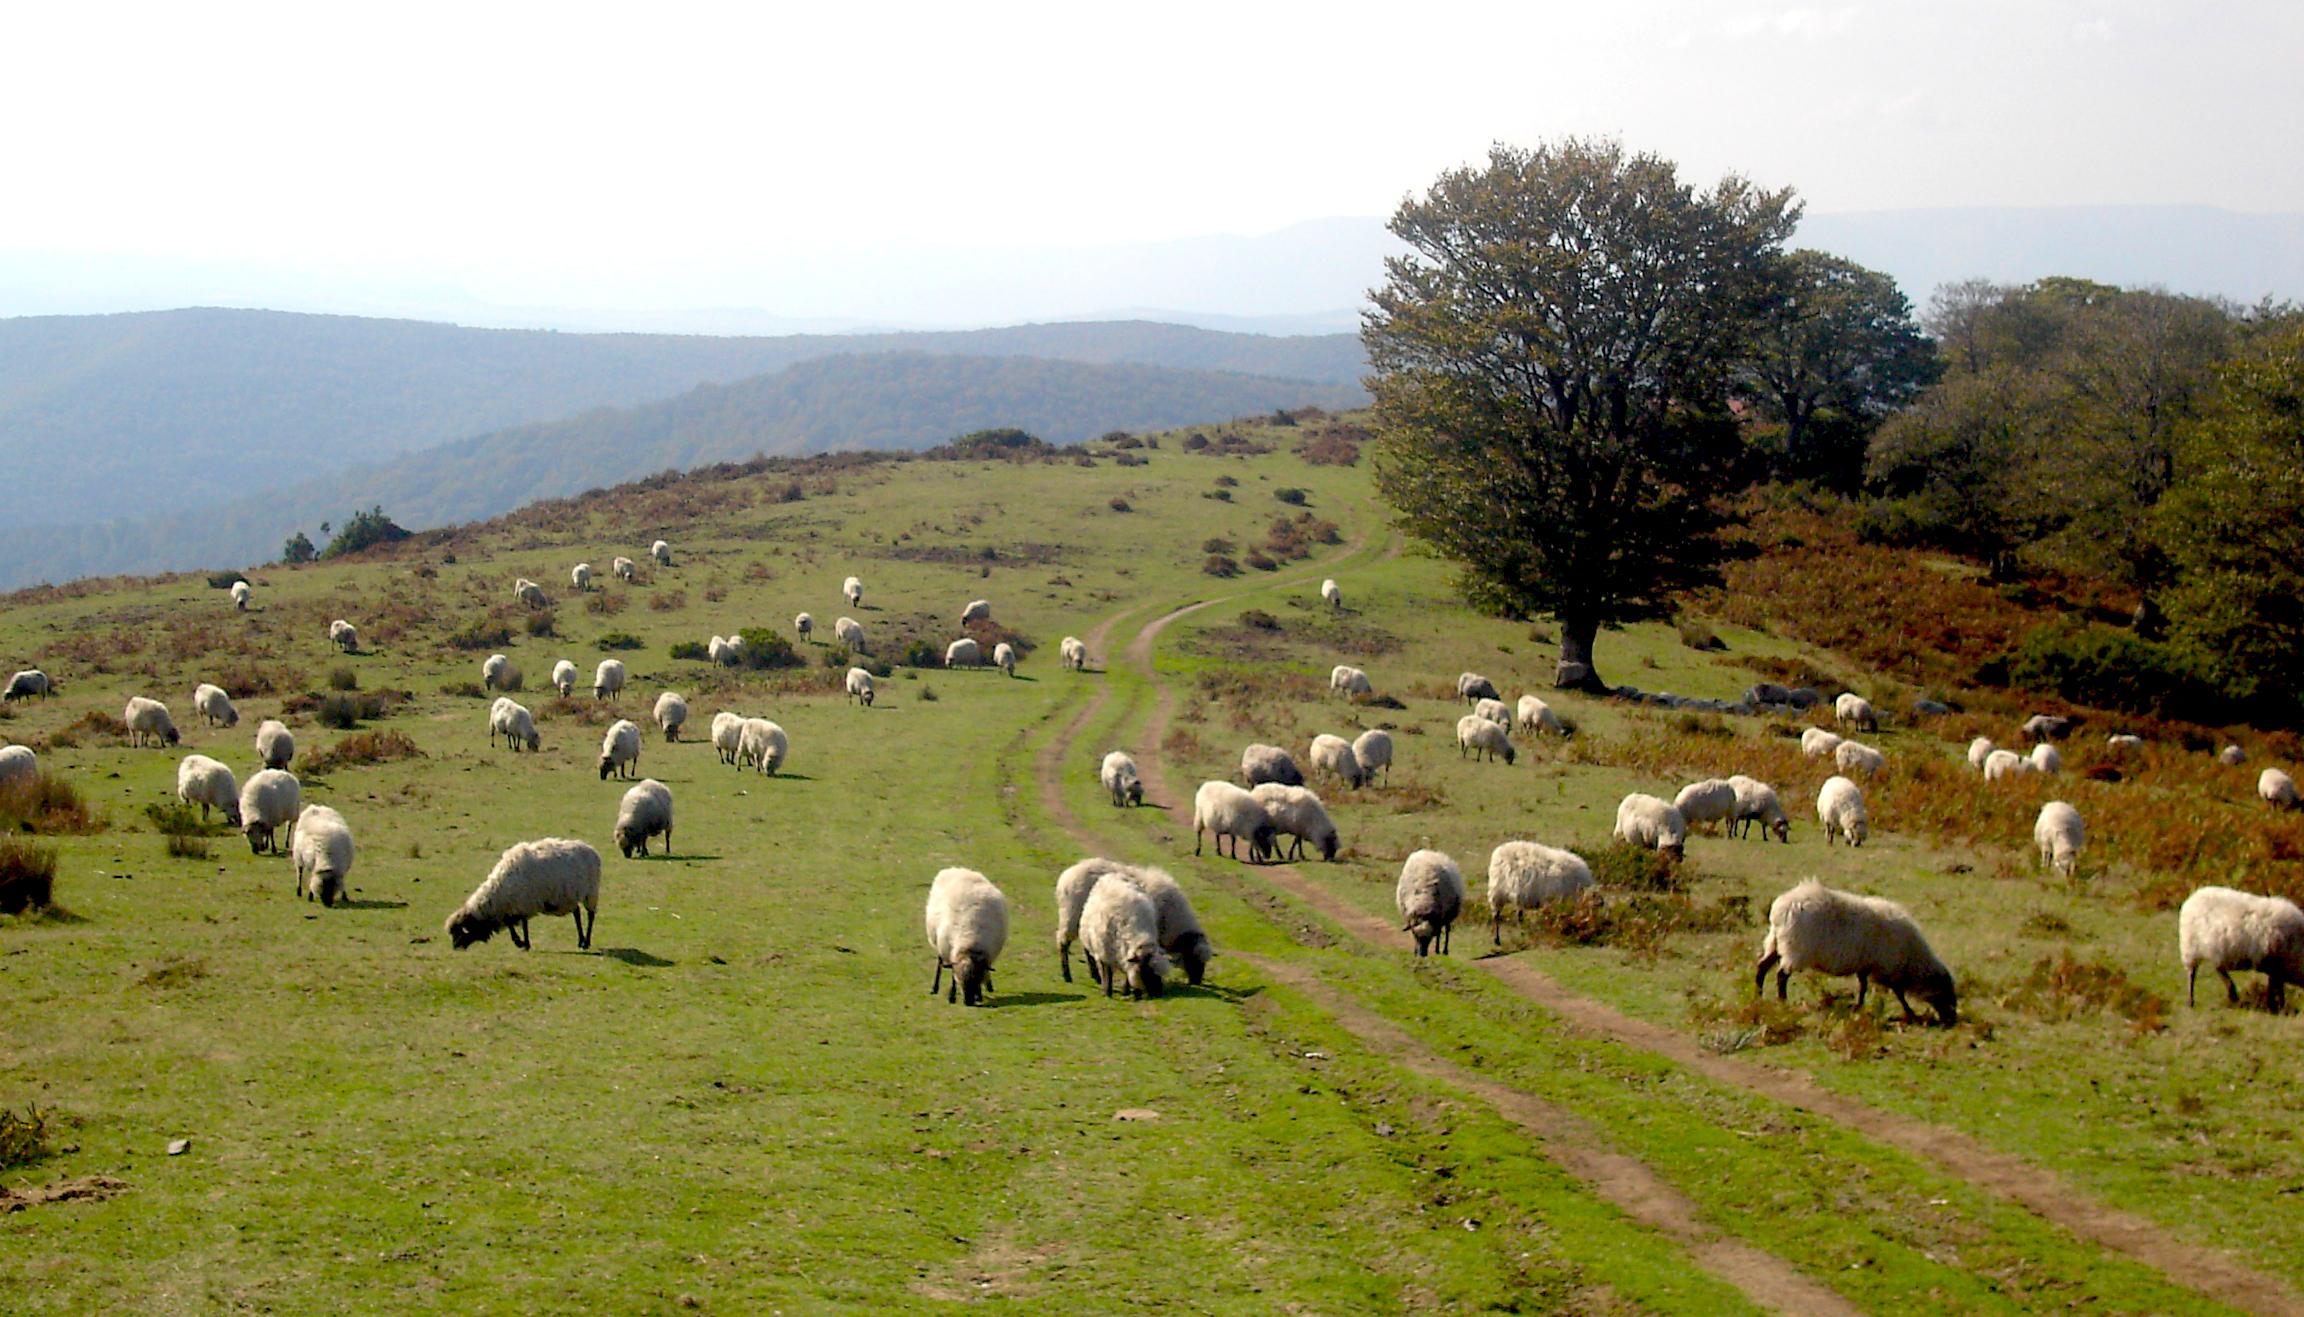 Parques naturales parque natural de gorbeia espacios for Piscinas naturales pais vasco